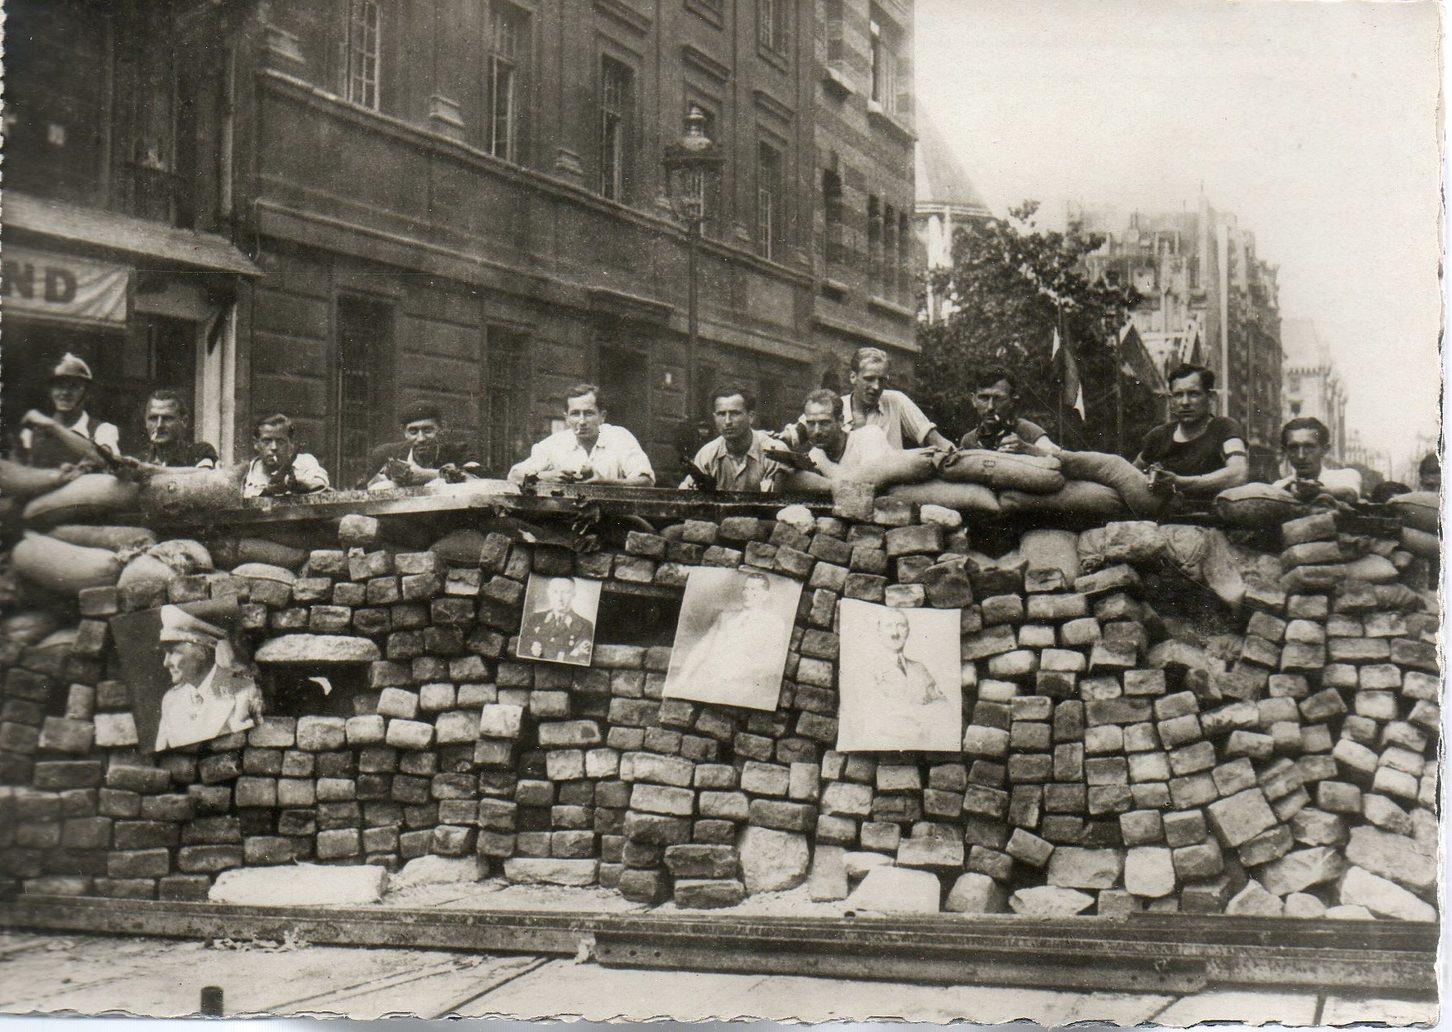 porte d'italie seconde guerre mondiale libération paris